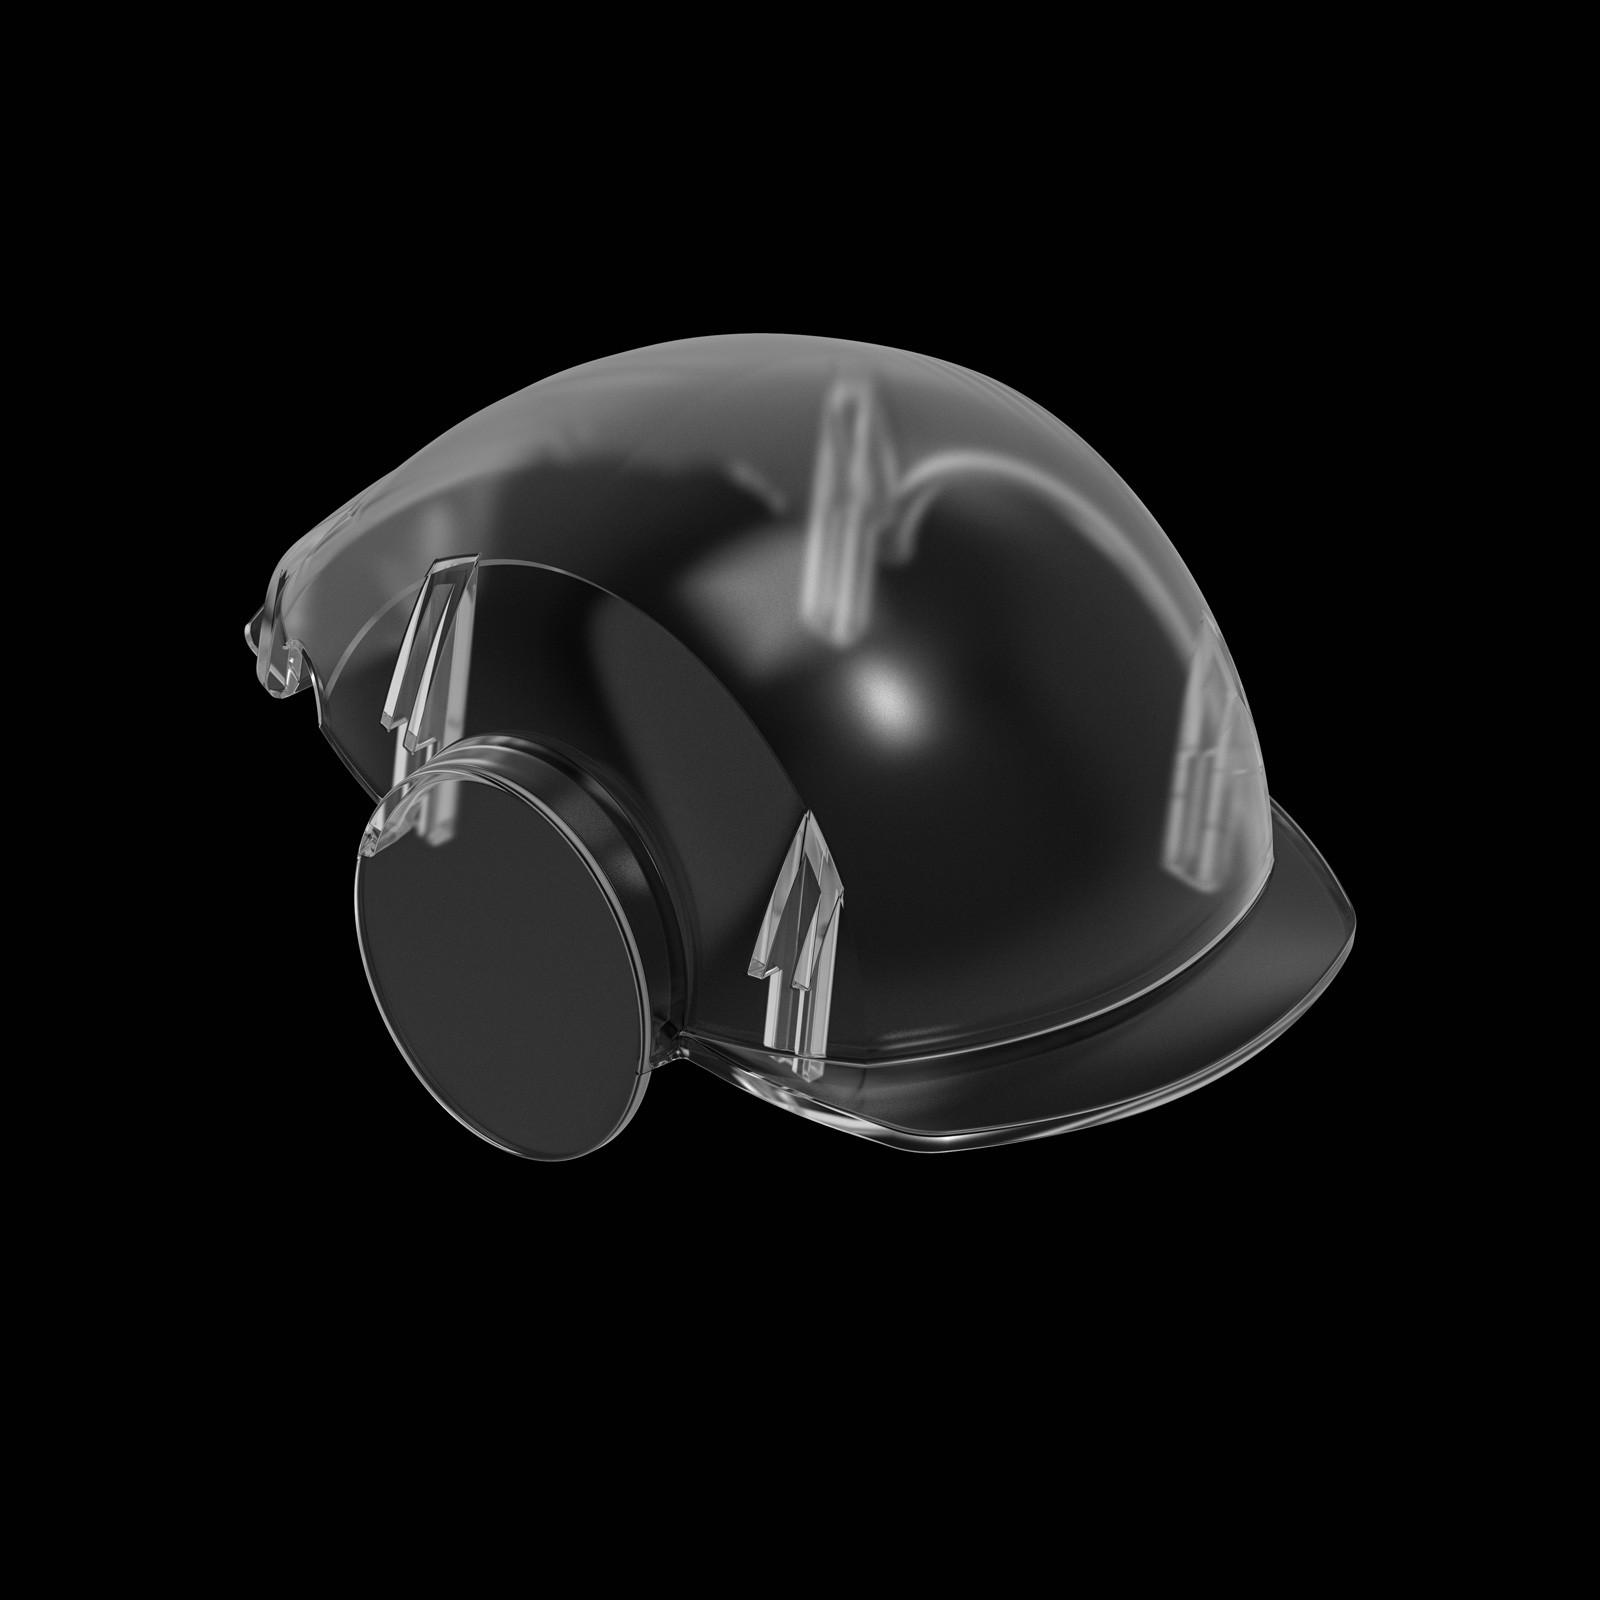 SmallRig DJI Transparent gimbal head protector 3282